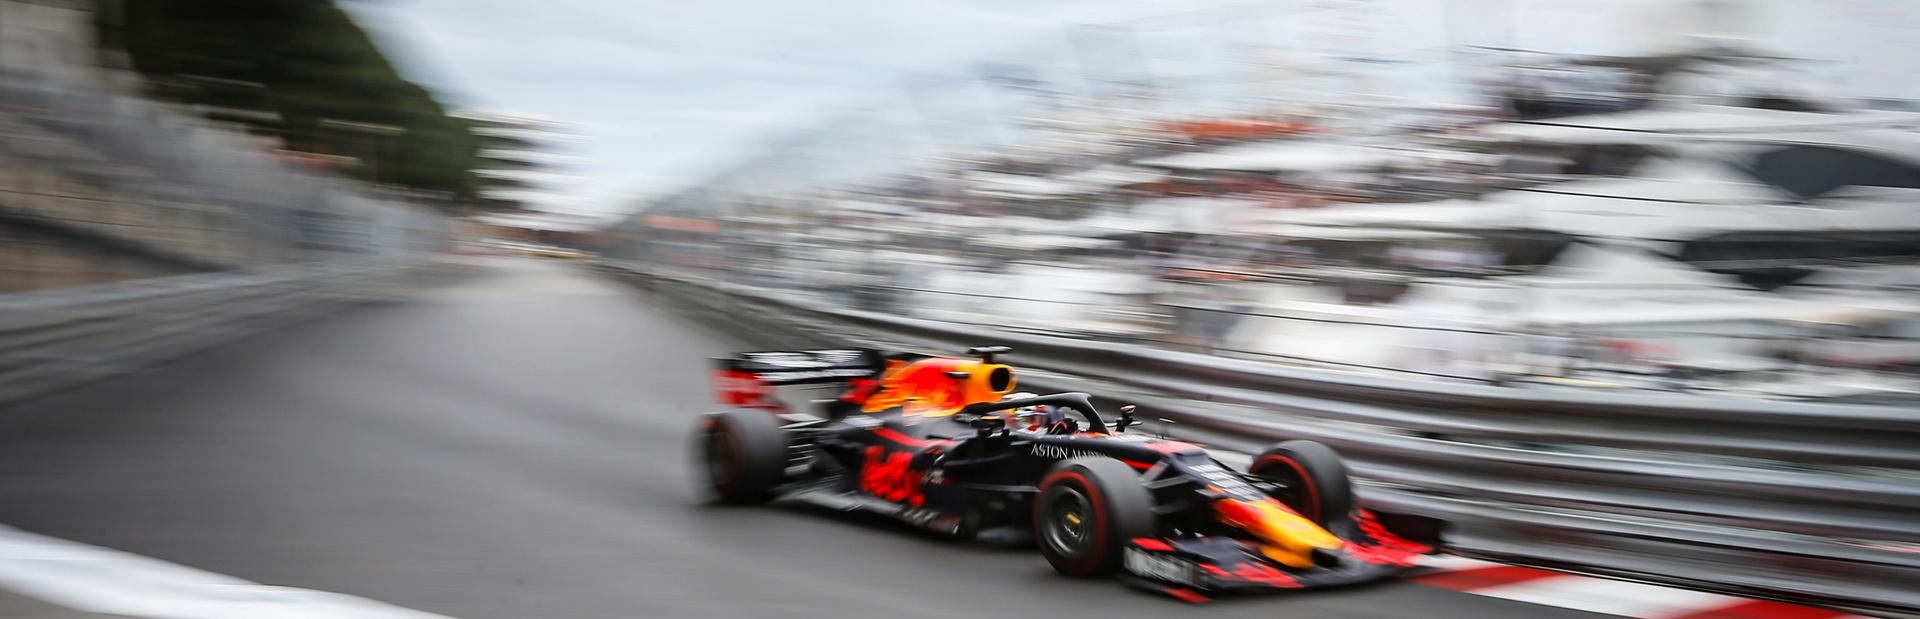 Monaco news photo